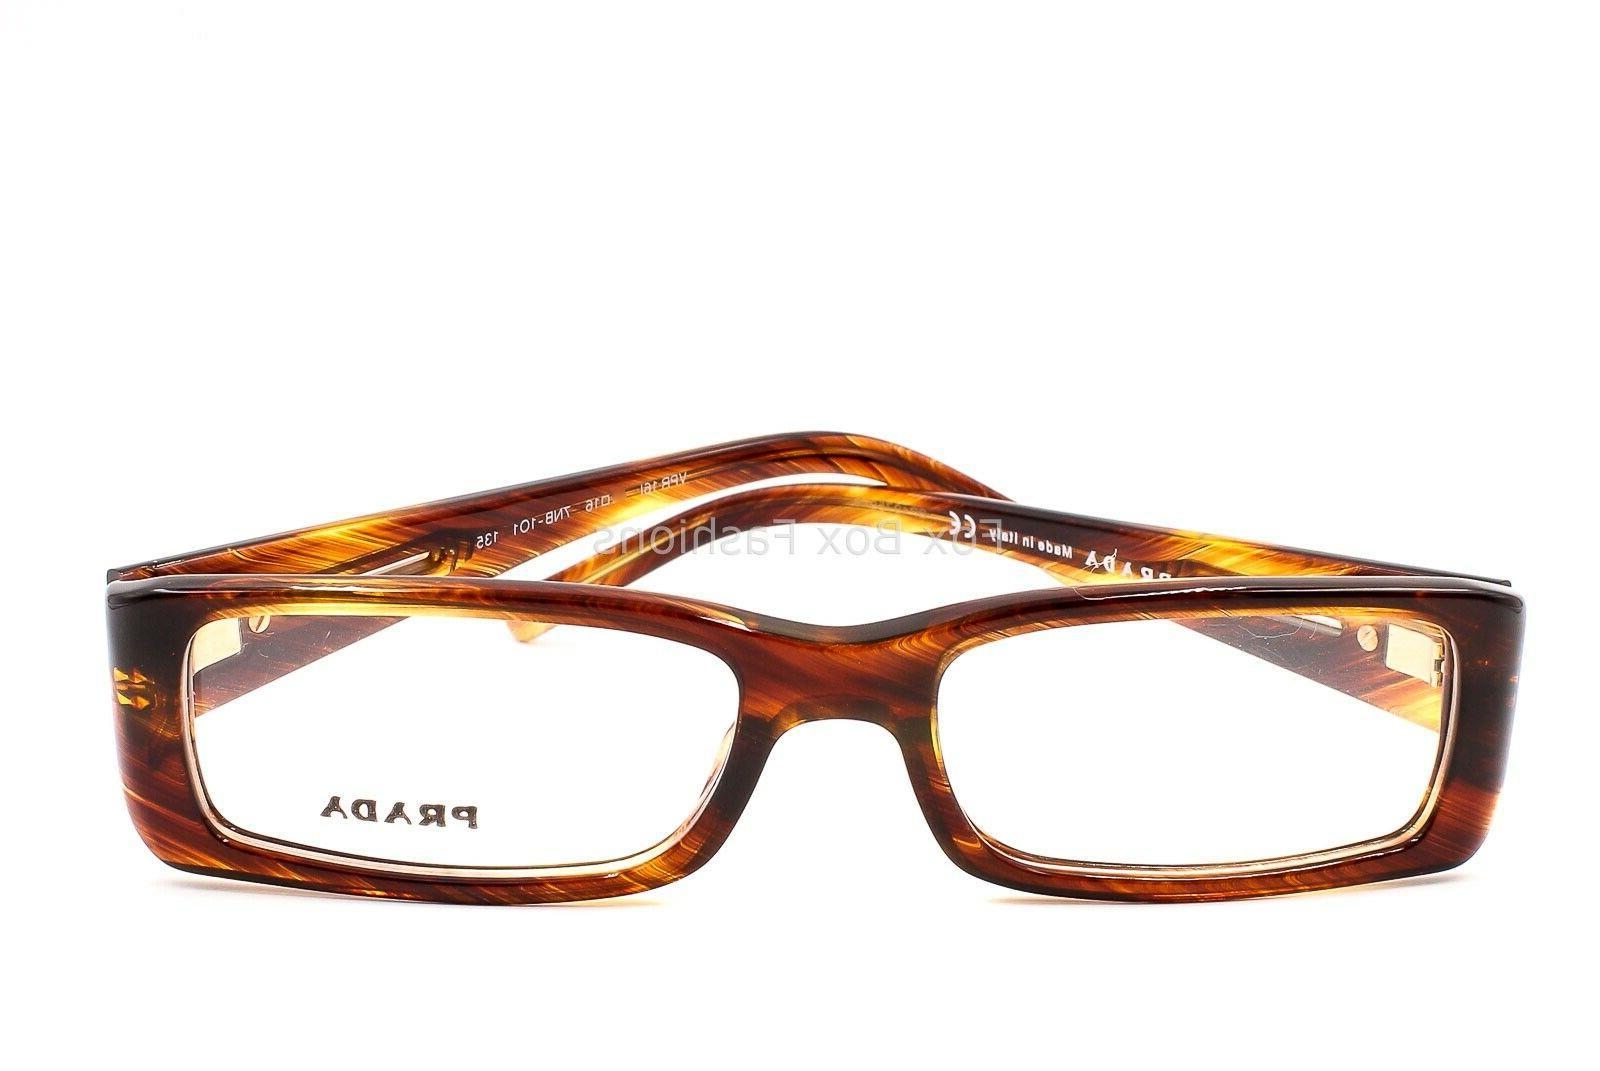 PRADA Eyeglasses Glasses Brown